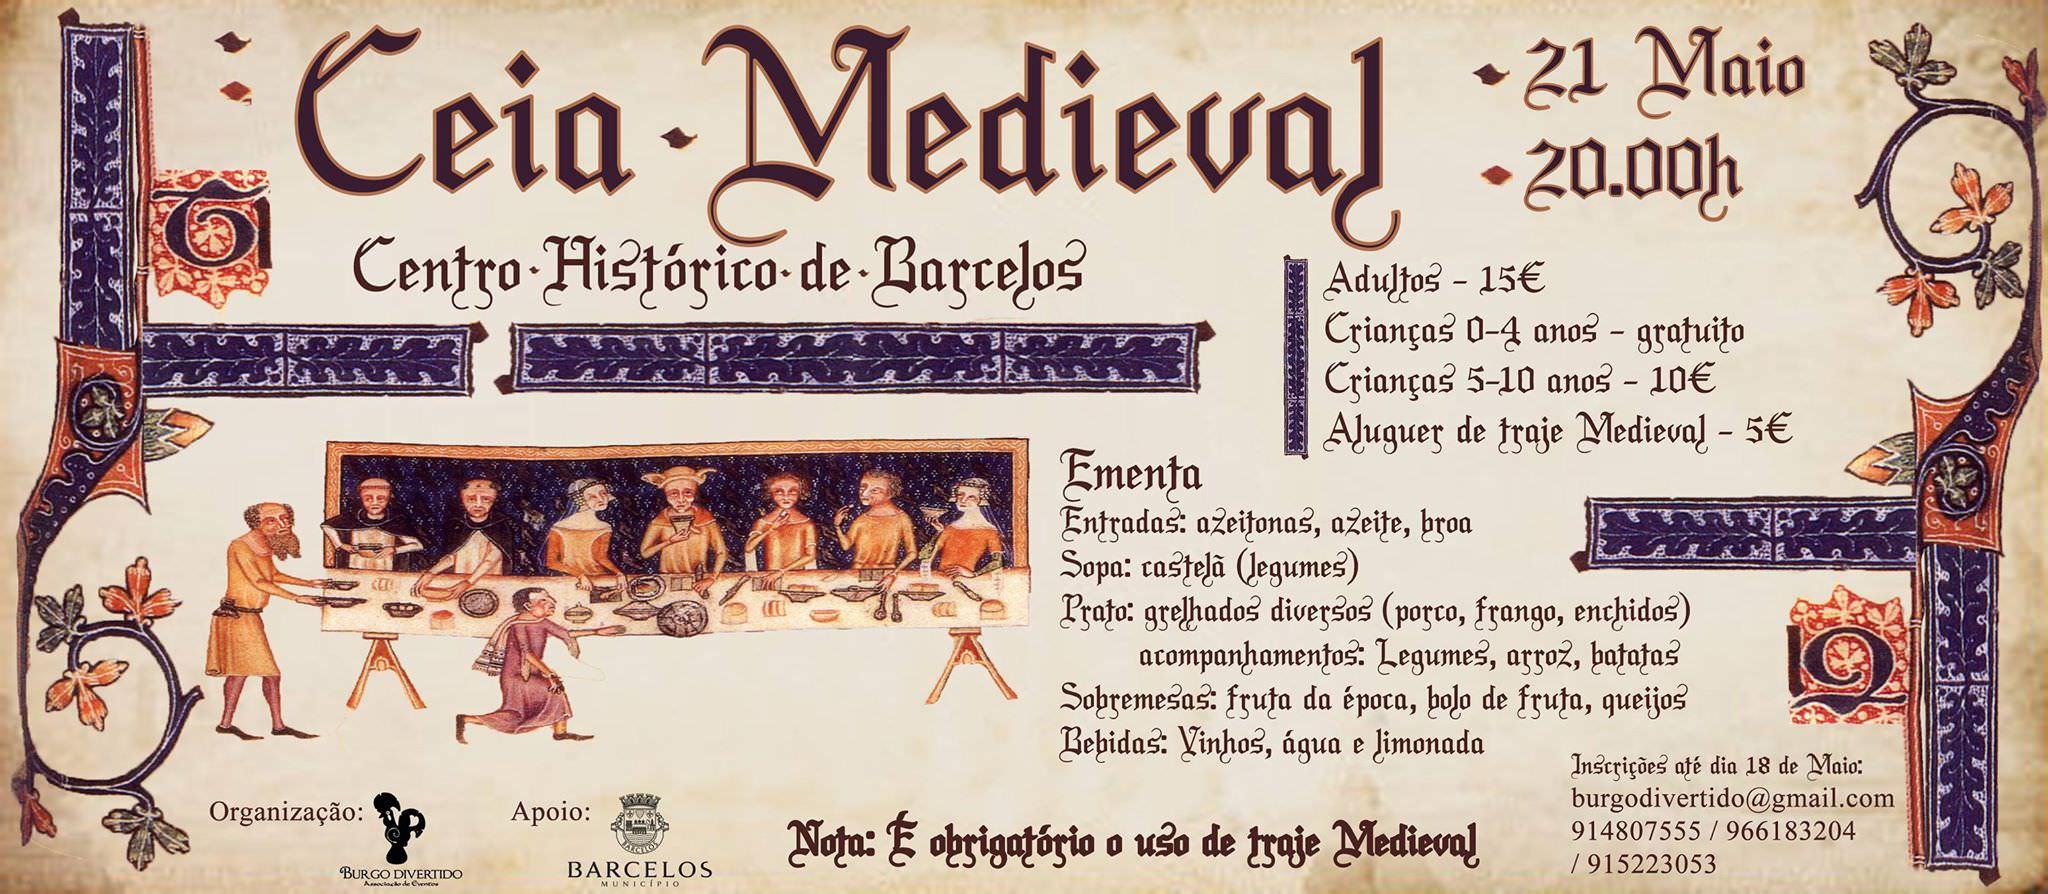 barcelos-cidade-medieval-2016-ceia-medieval